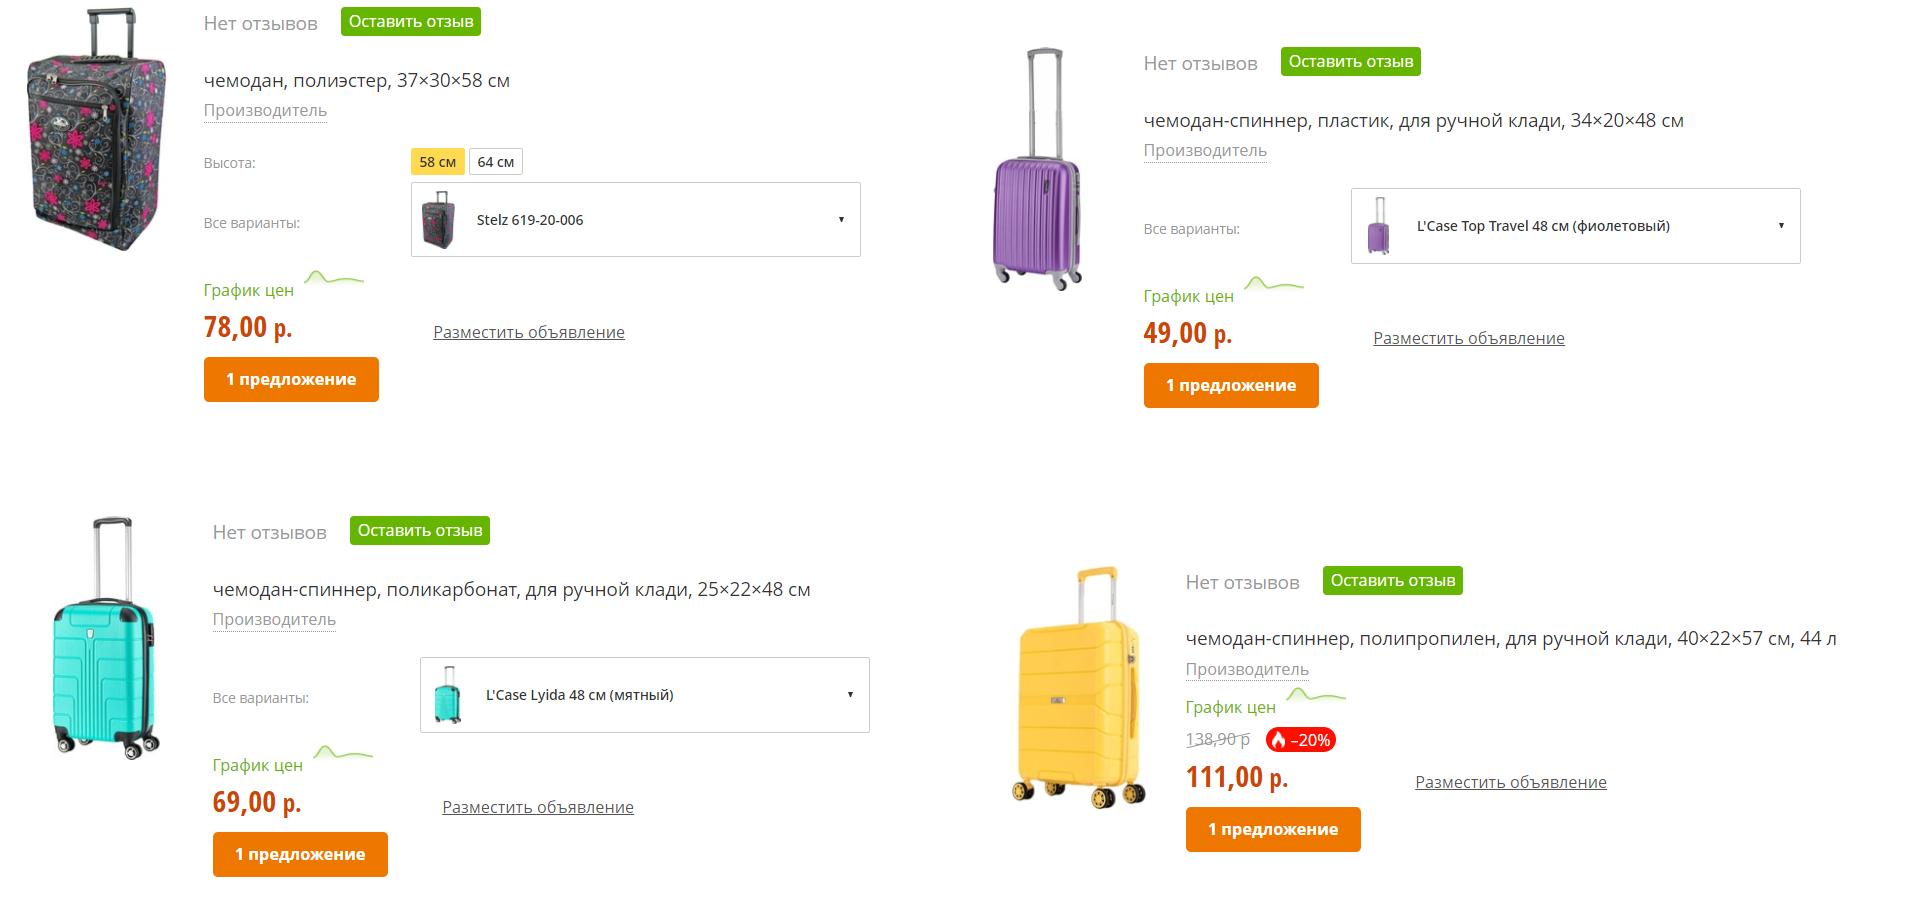 пластиковые или тканевые чемоданы что дешевле обзор по цене и качеству